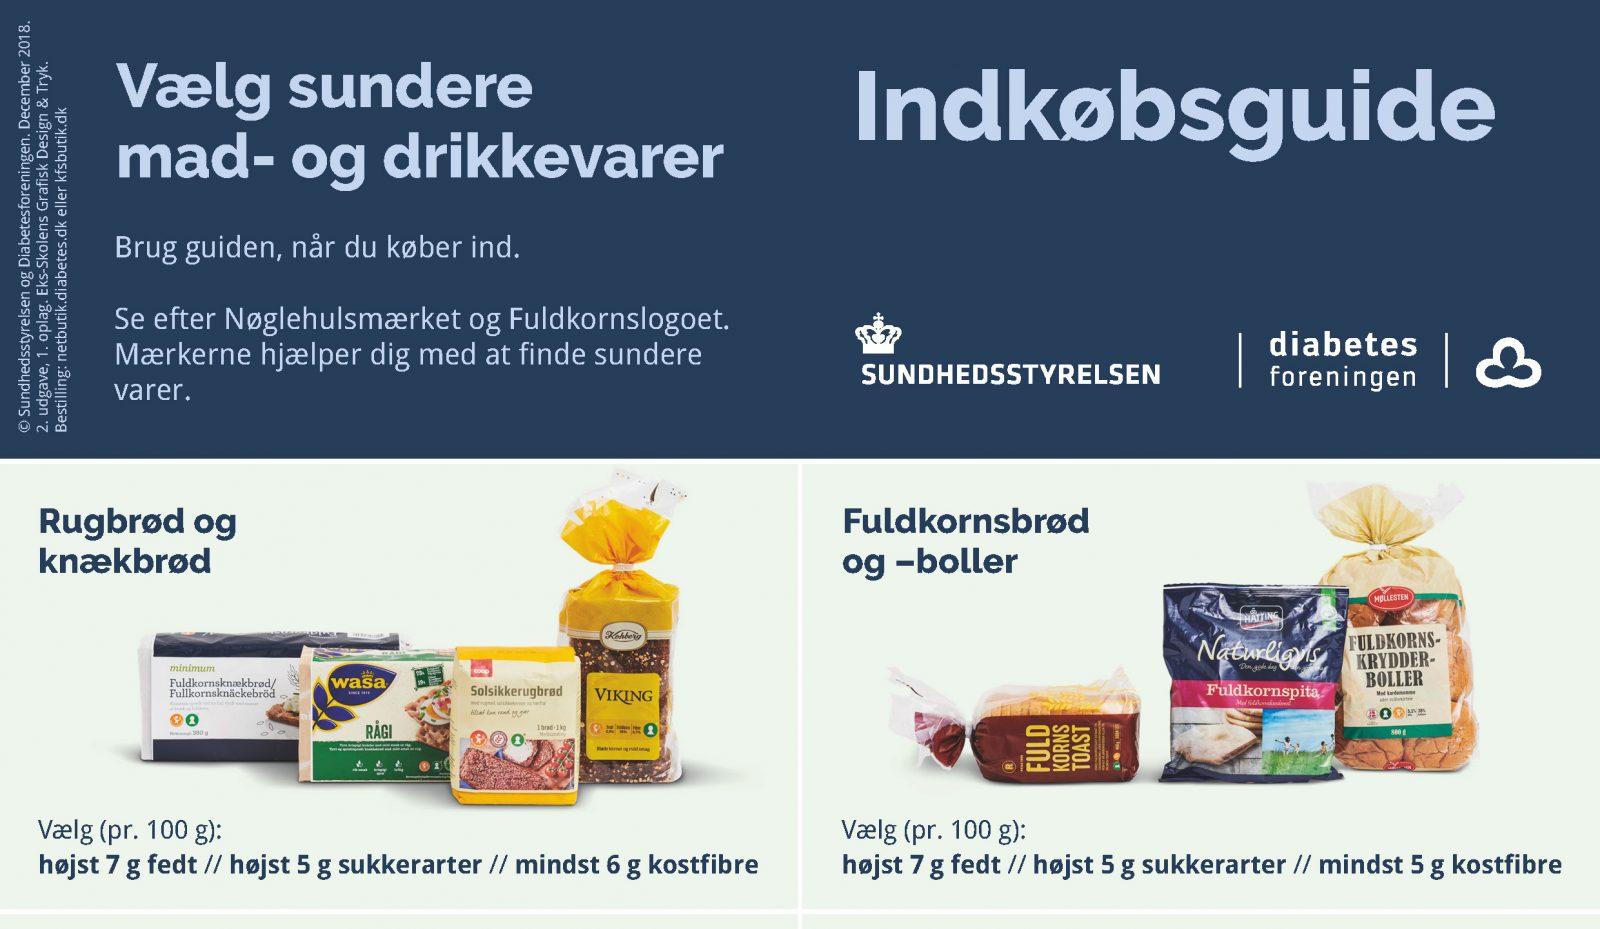 Indkøbsguide til mennesker med diabetes